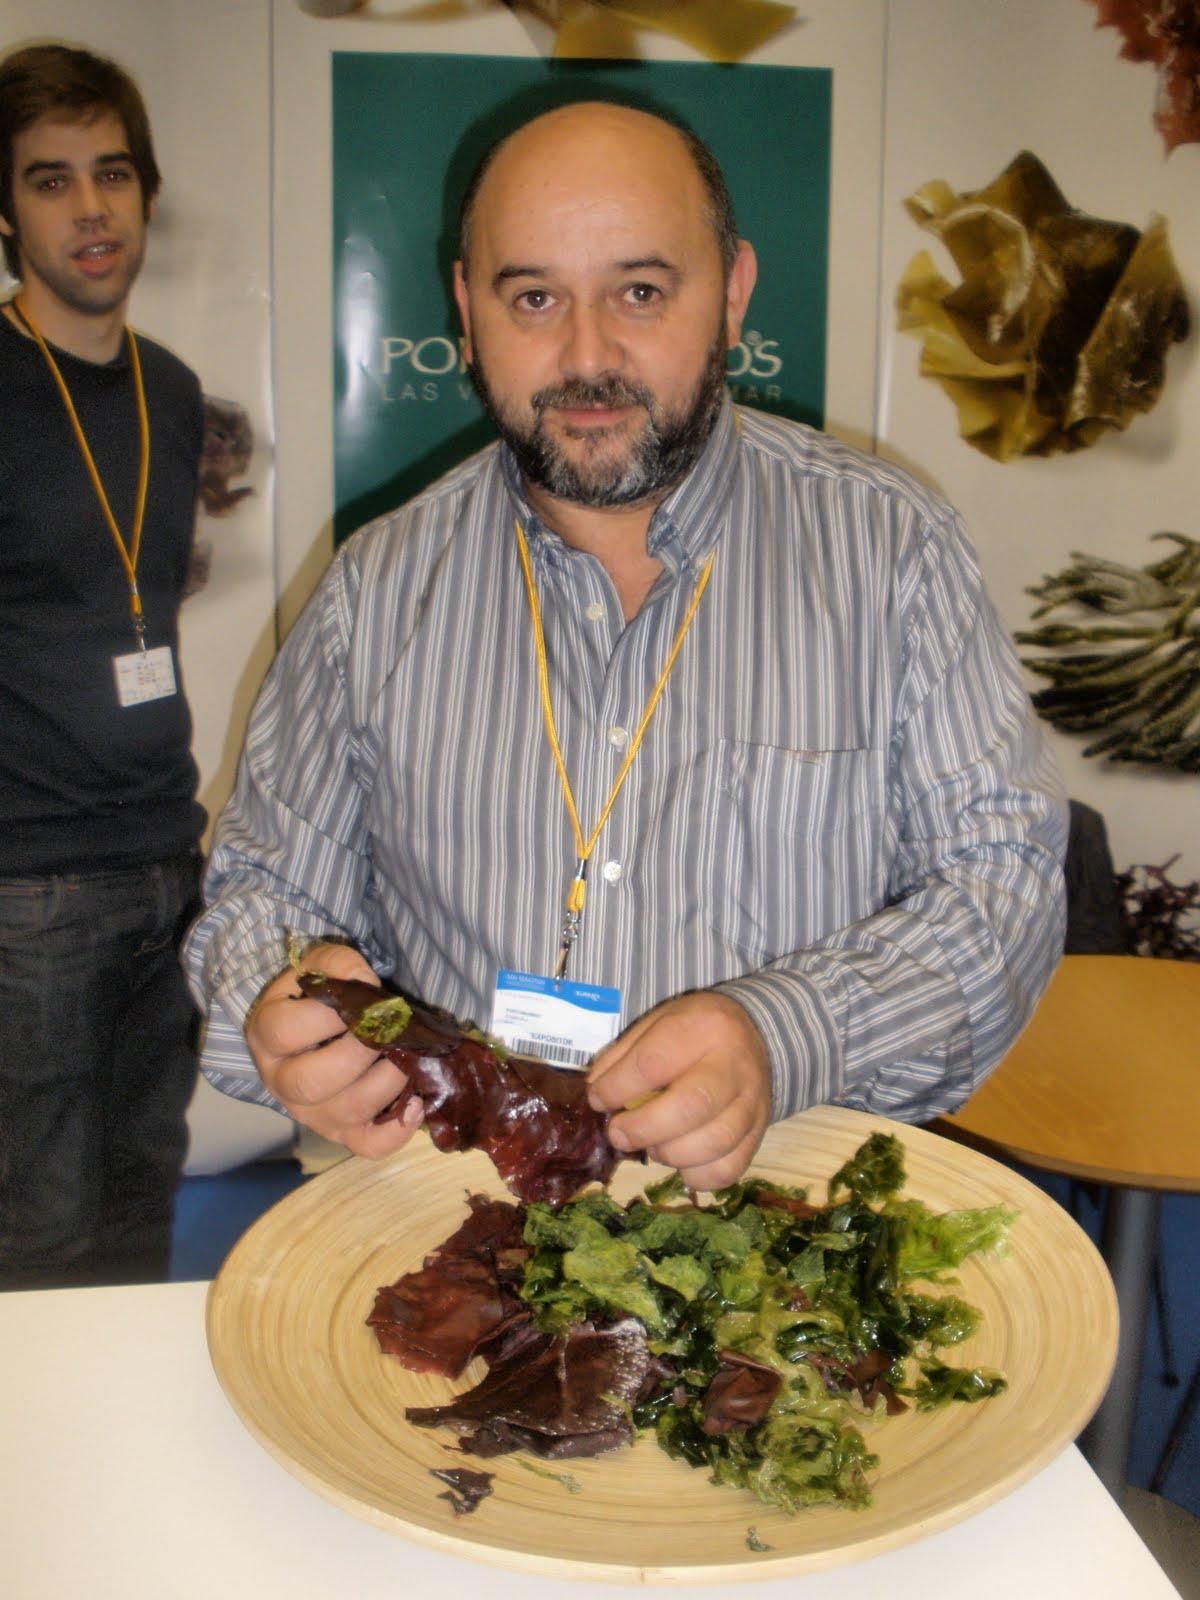 Observaci n gastron mica gastronomika 2010 2 san - Cursos de cocina en san sebastian ...